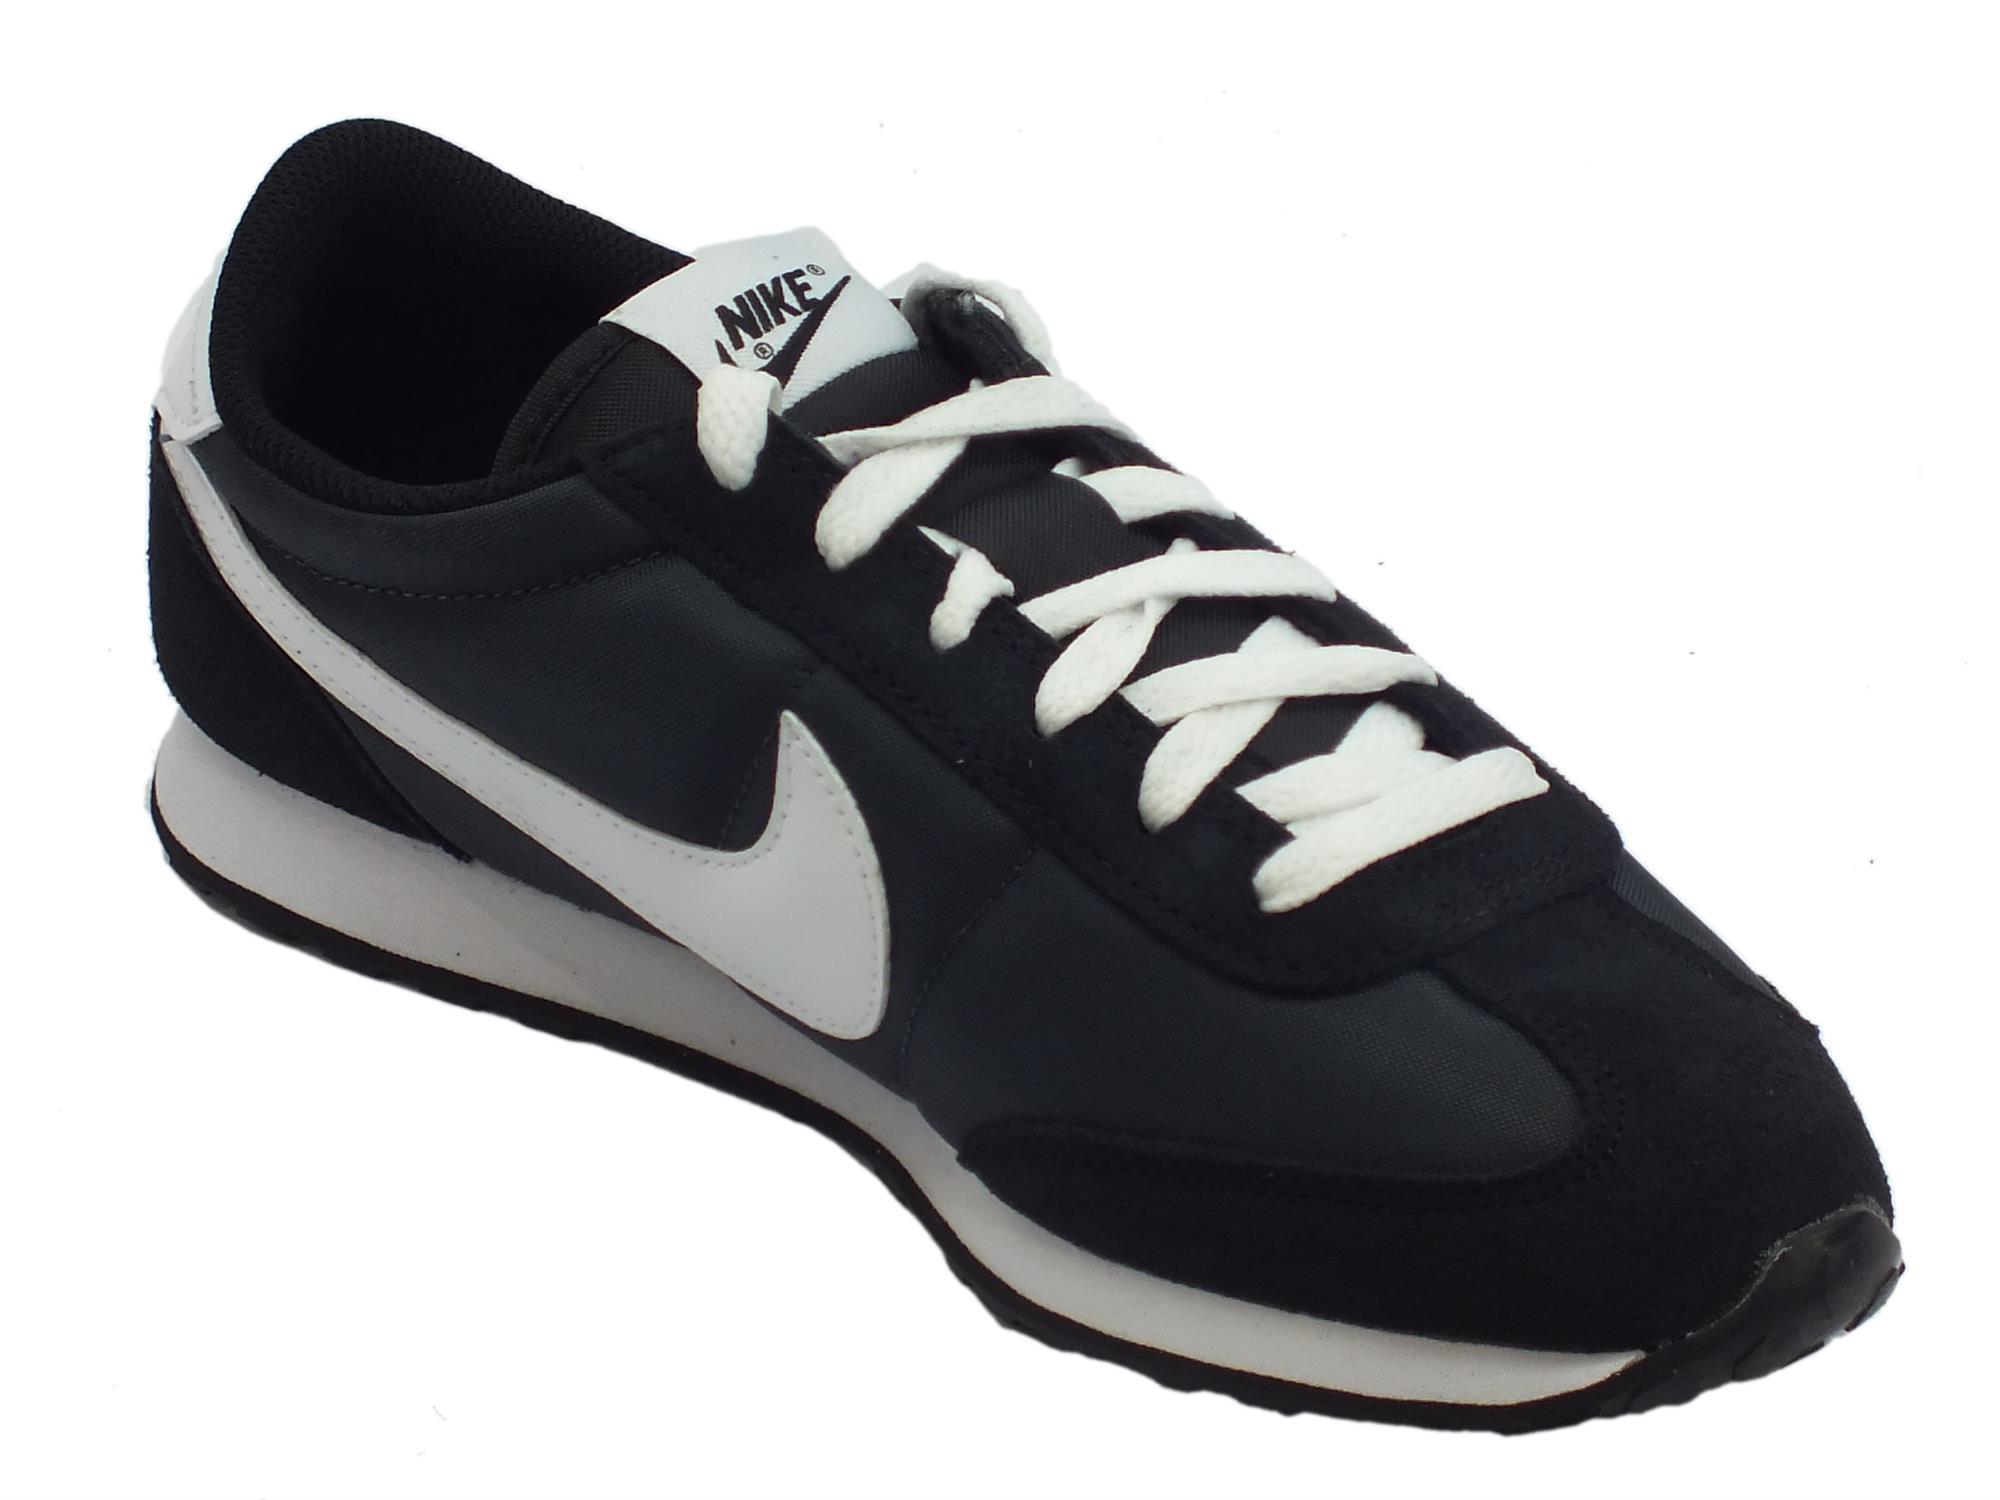 ... Scarpe sportive per uomo Nike mach runner camoscio e tessuto nero ... 9aa03cadcc5